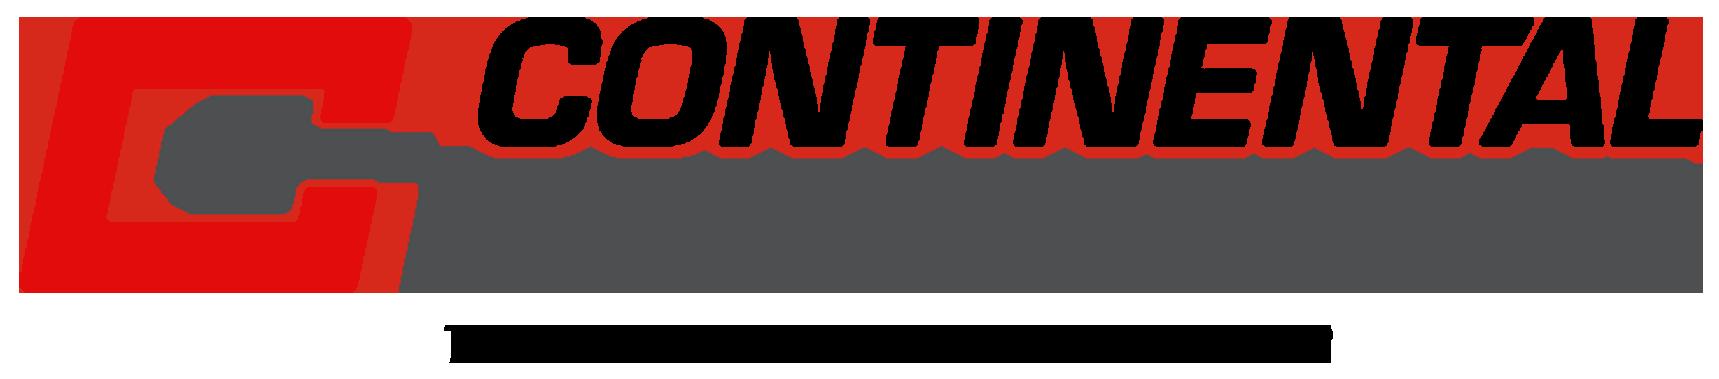 ROB210-12501-41